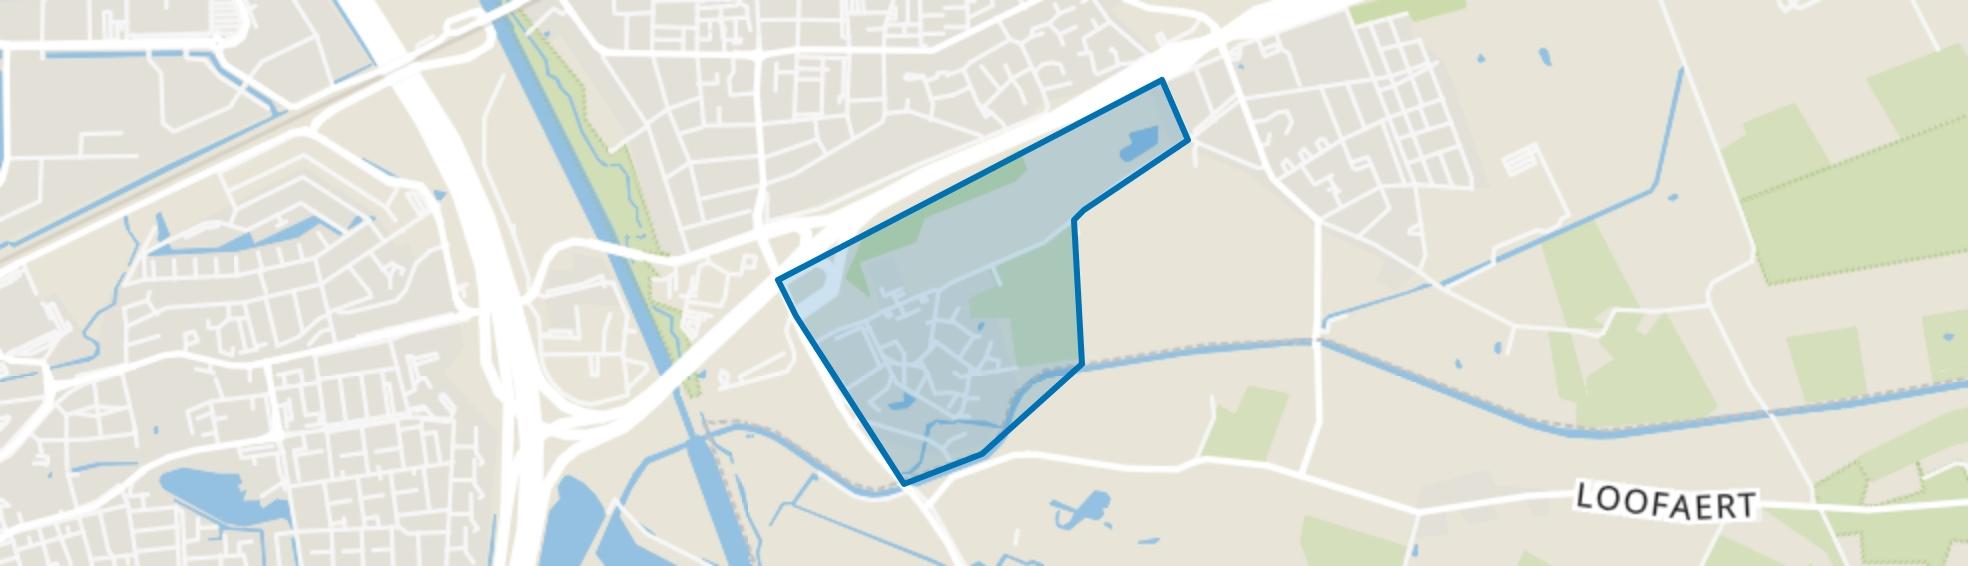 Maliskamp-West, Rosmalen map